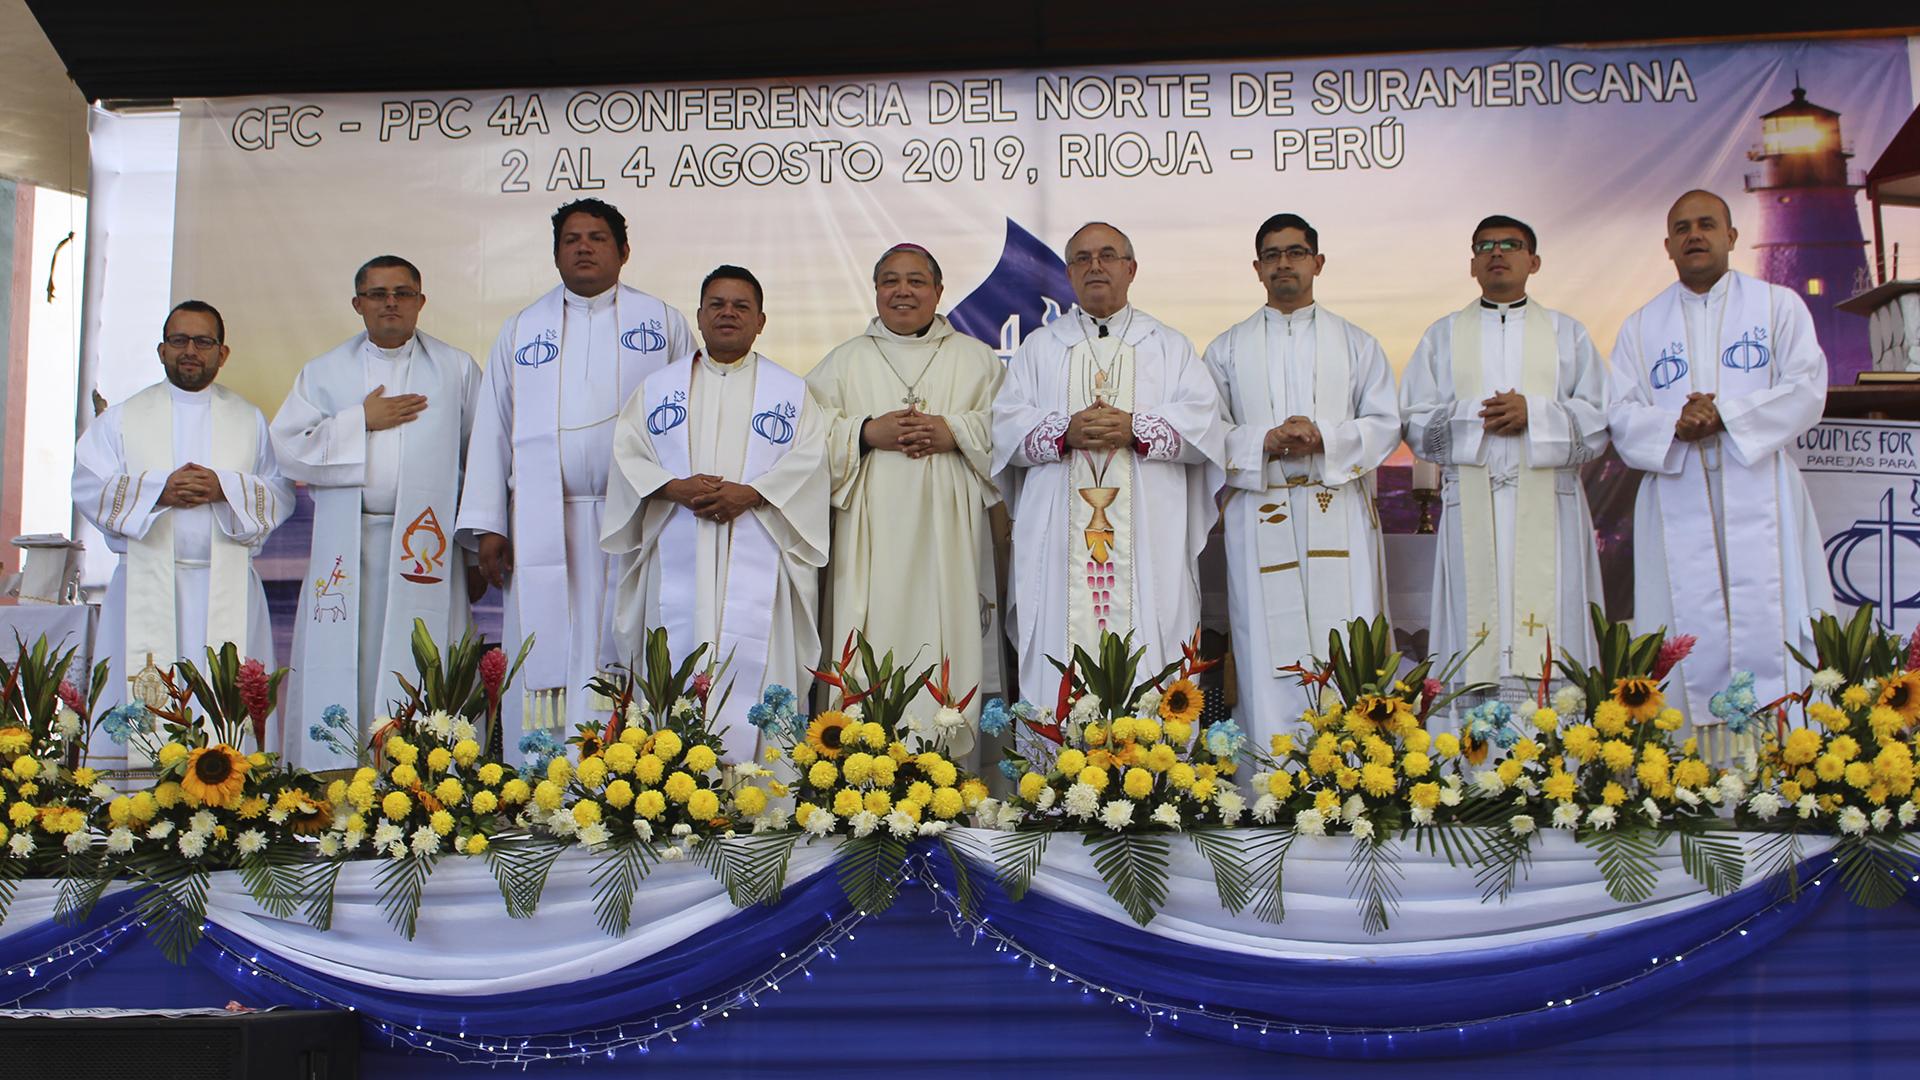 Conferencia de Parejas para Cristo